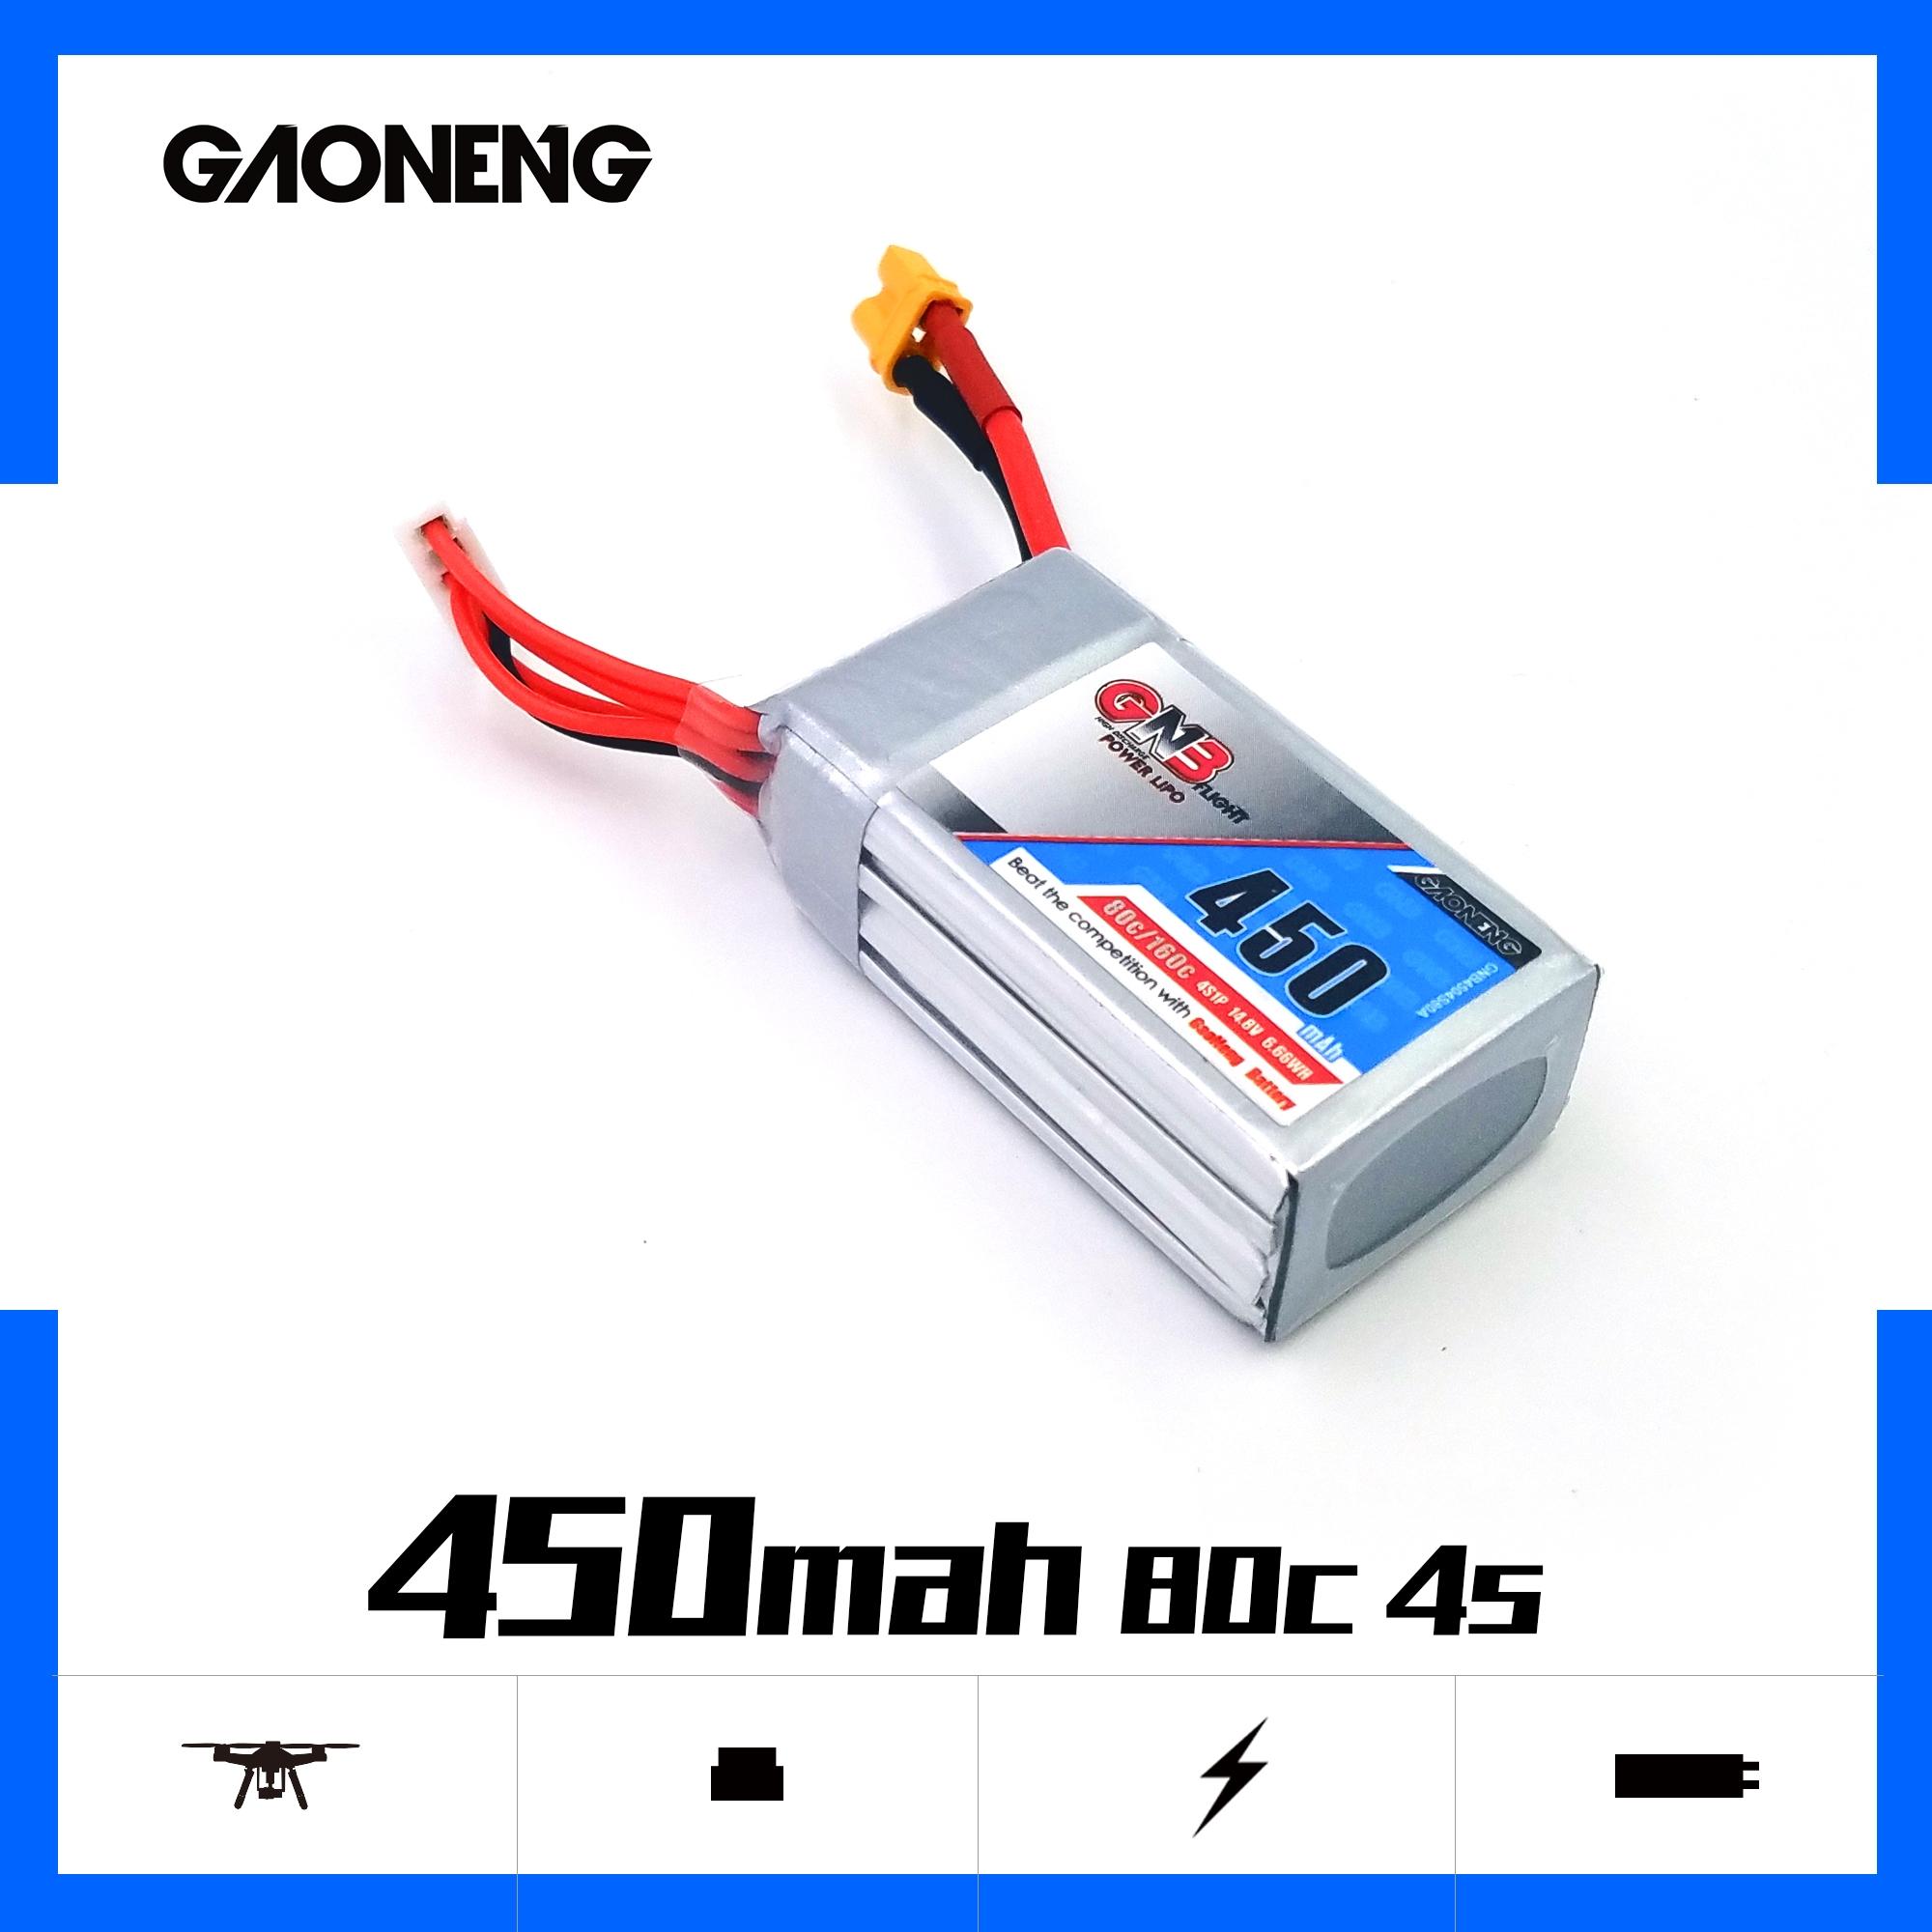 GNB 4S 450mAh 80C Battery